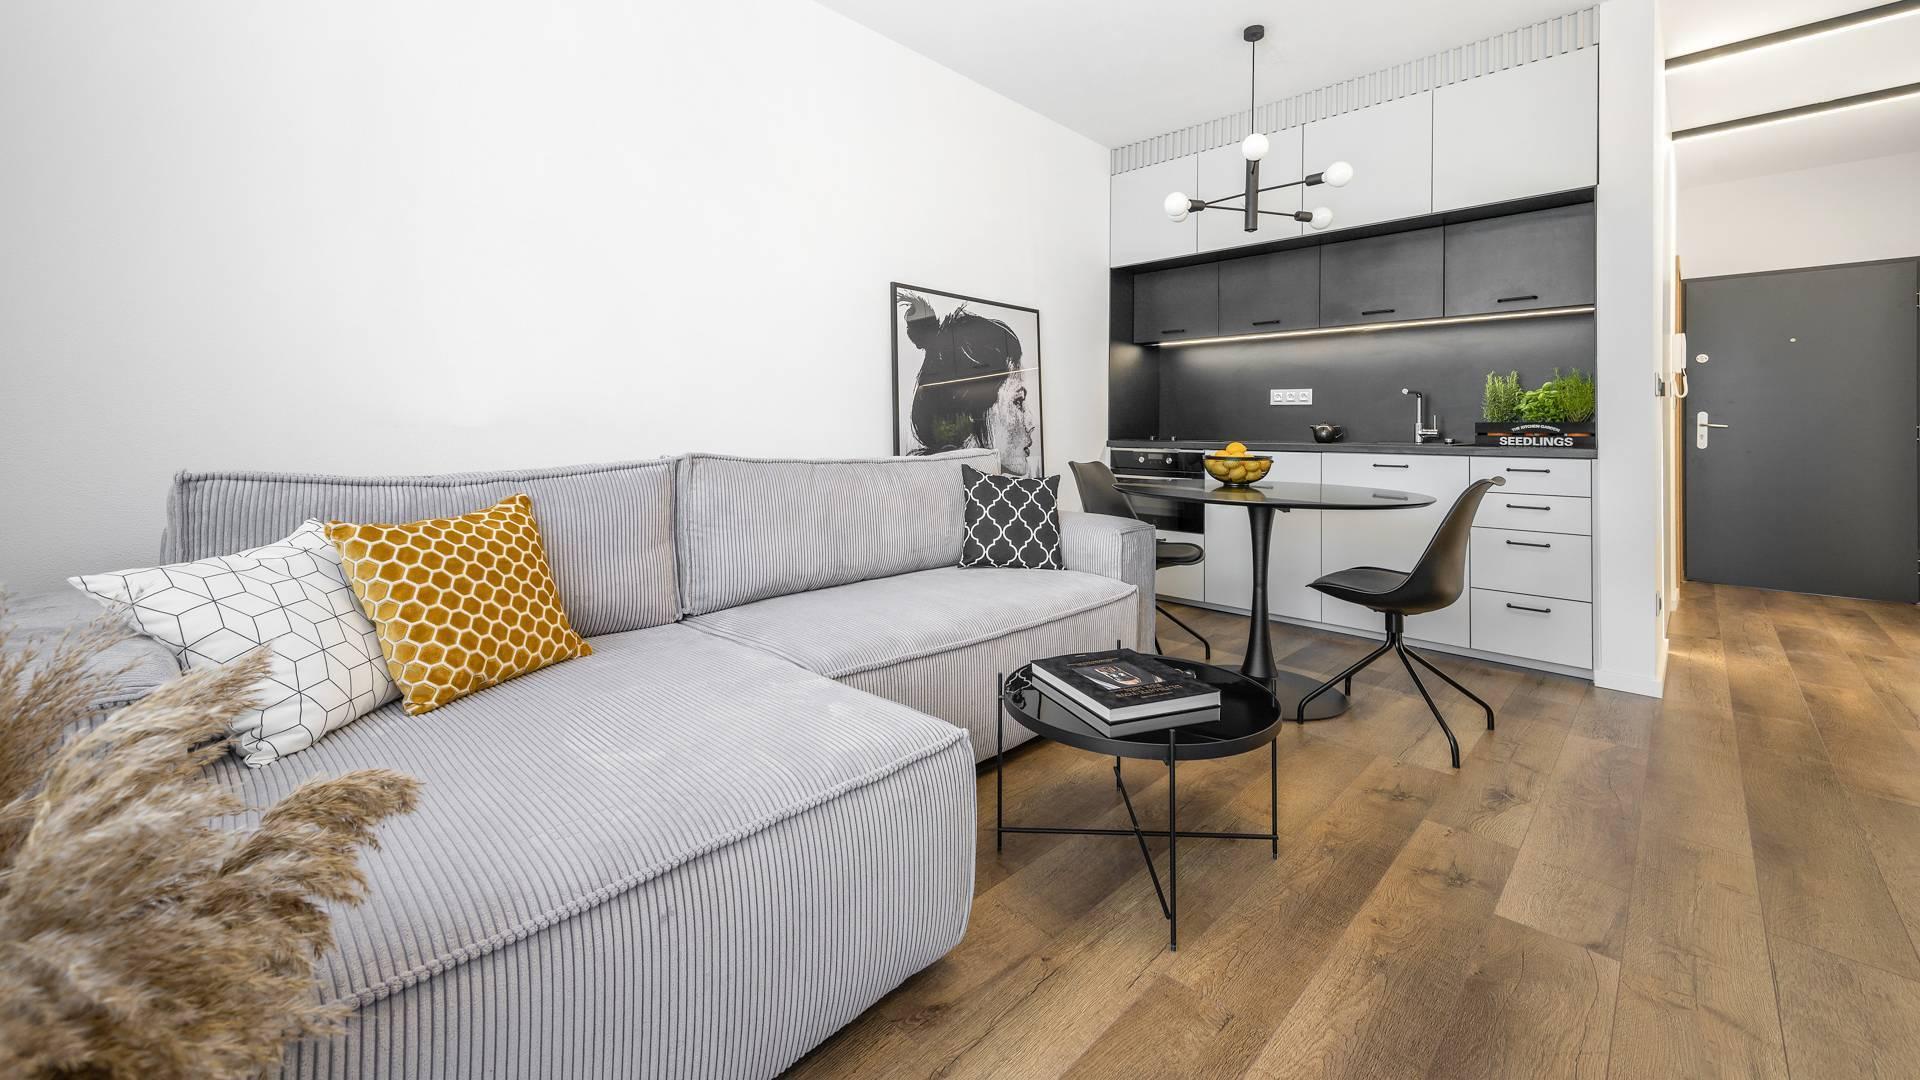 NA PRENÁJOM: Nový apartmán v novostavbe KARLOVE, BA IV.